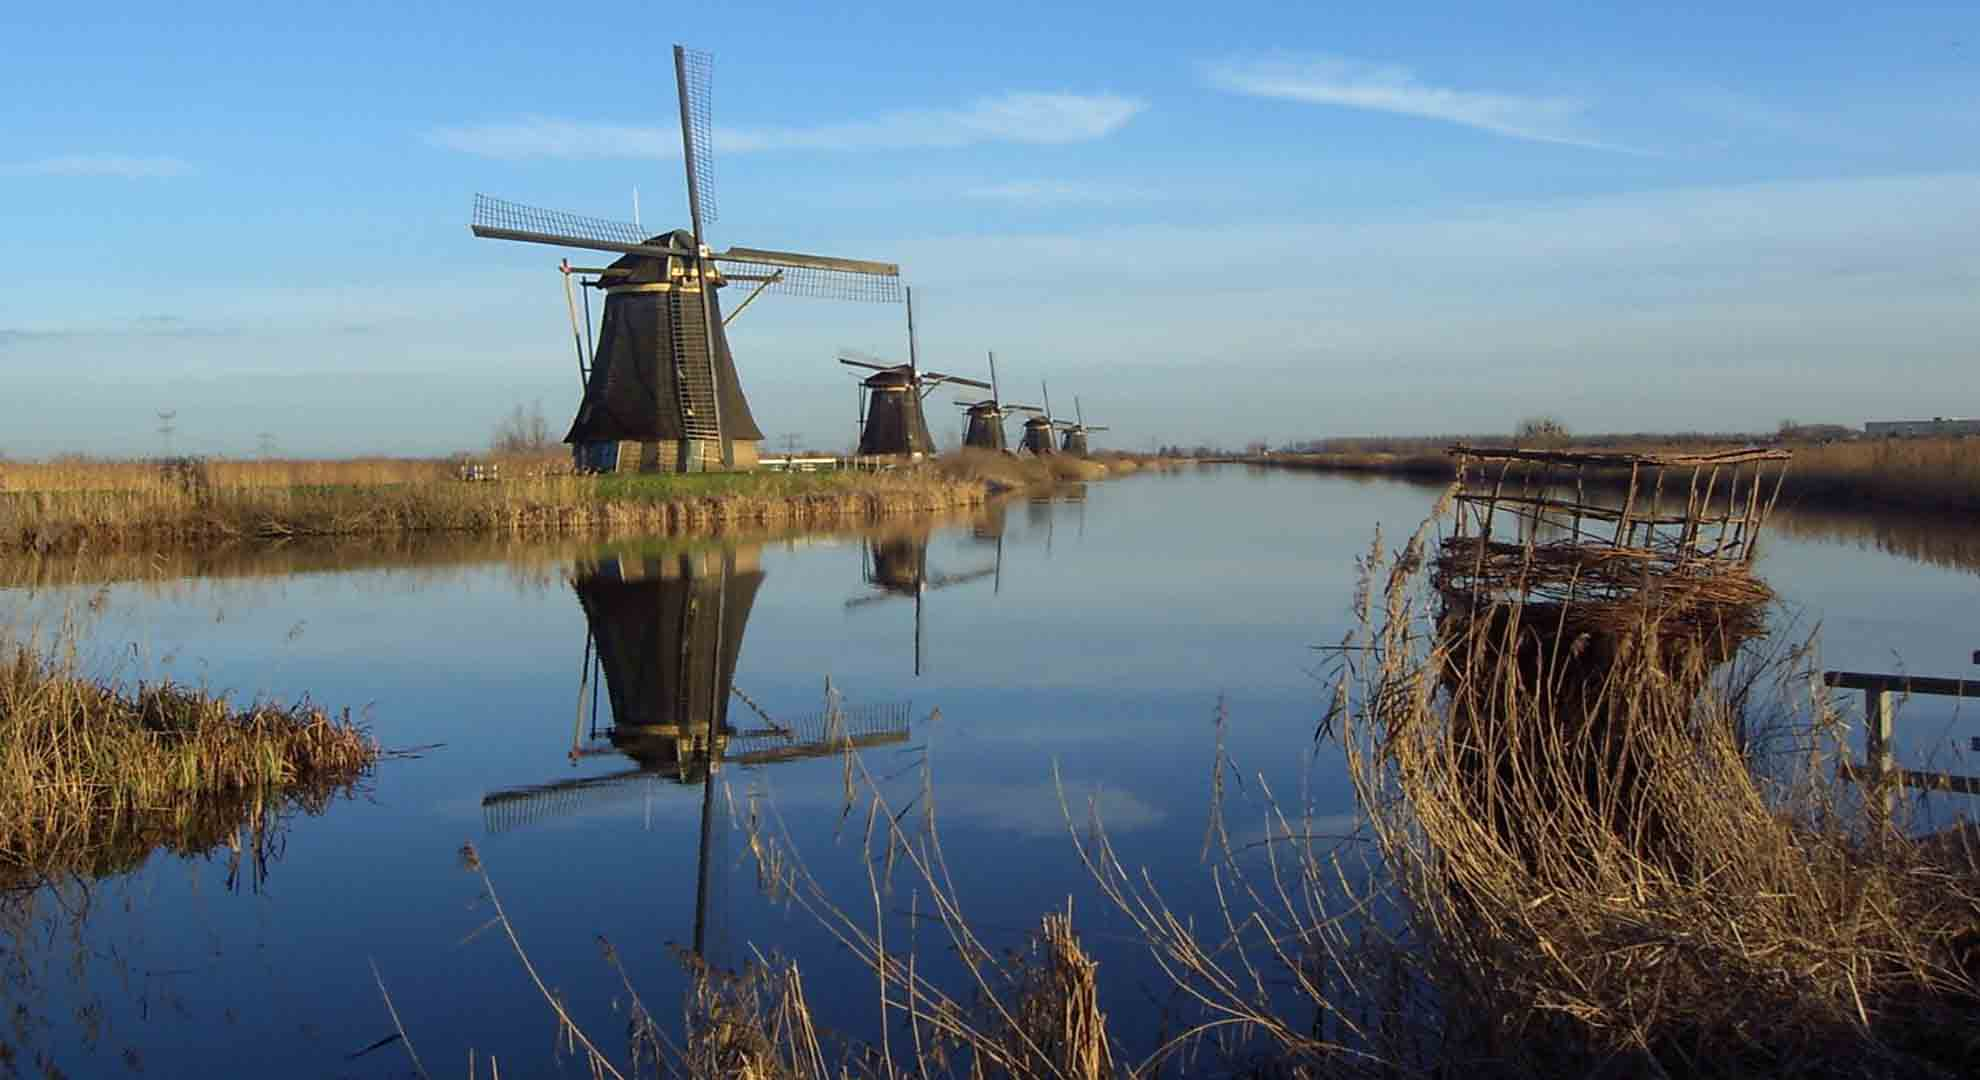 Edificios como los antiguos molinos de viento adquieren nuevos usos en la actualidad.